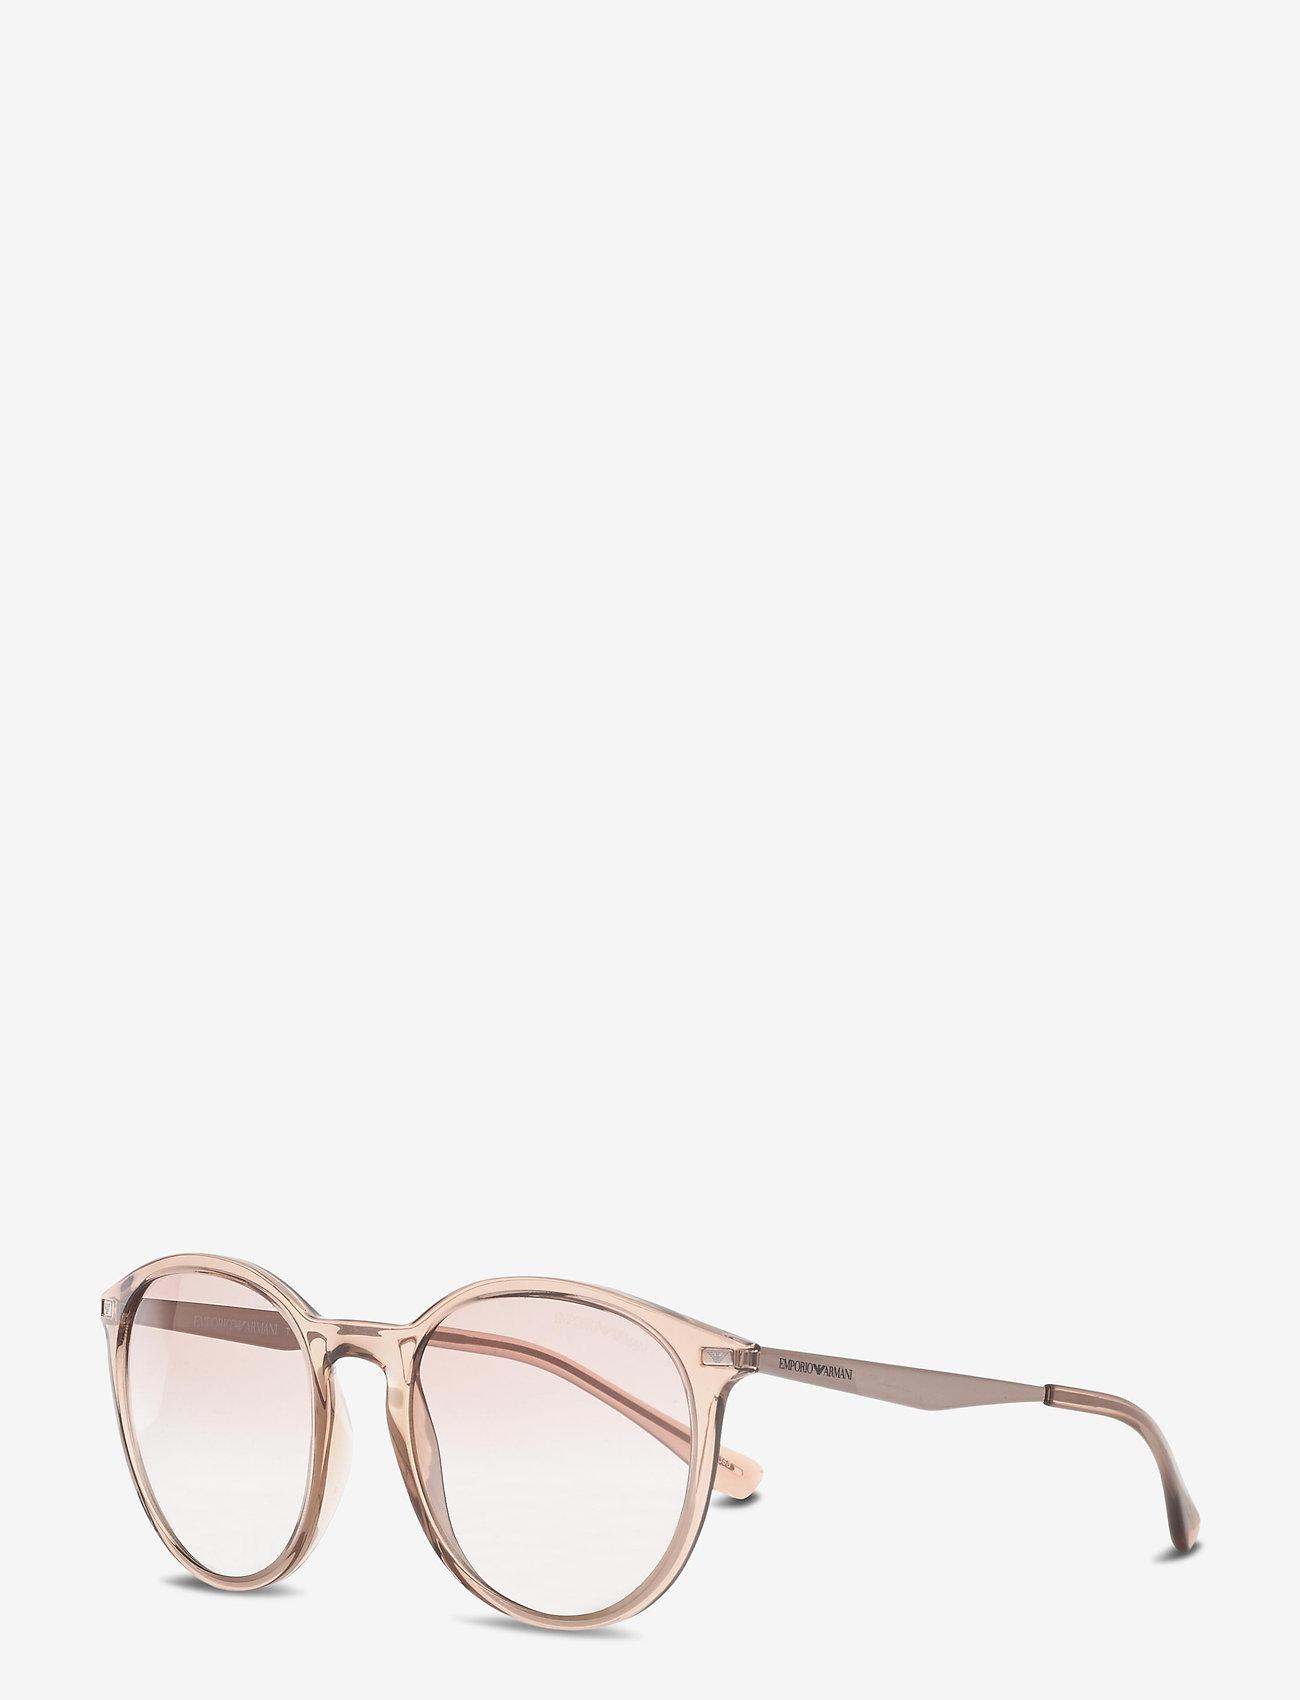 Emporio Armani Sunglasses - Sunglasses - rond model - gradient brown - 1